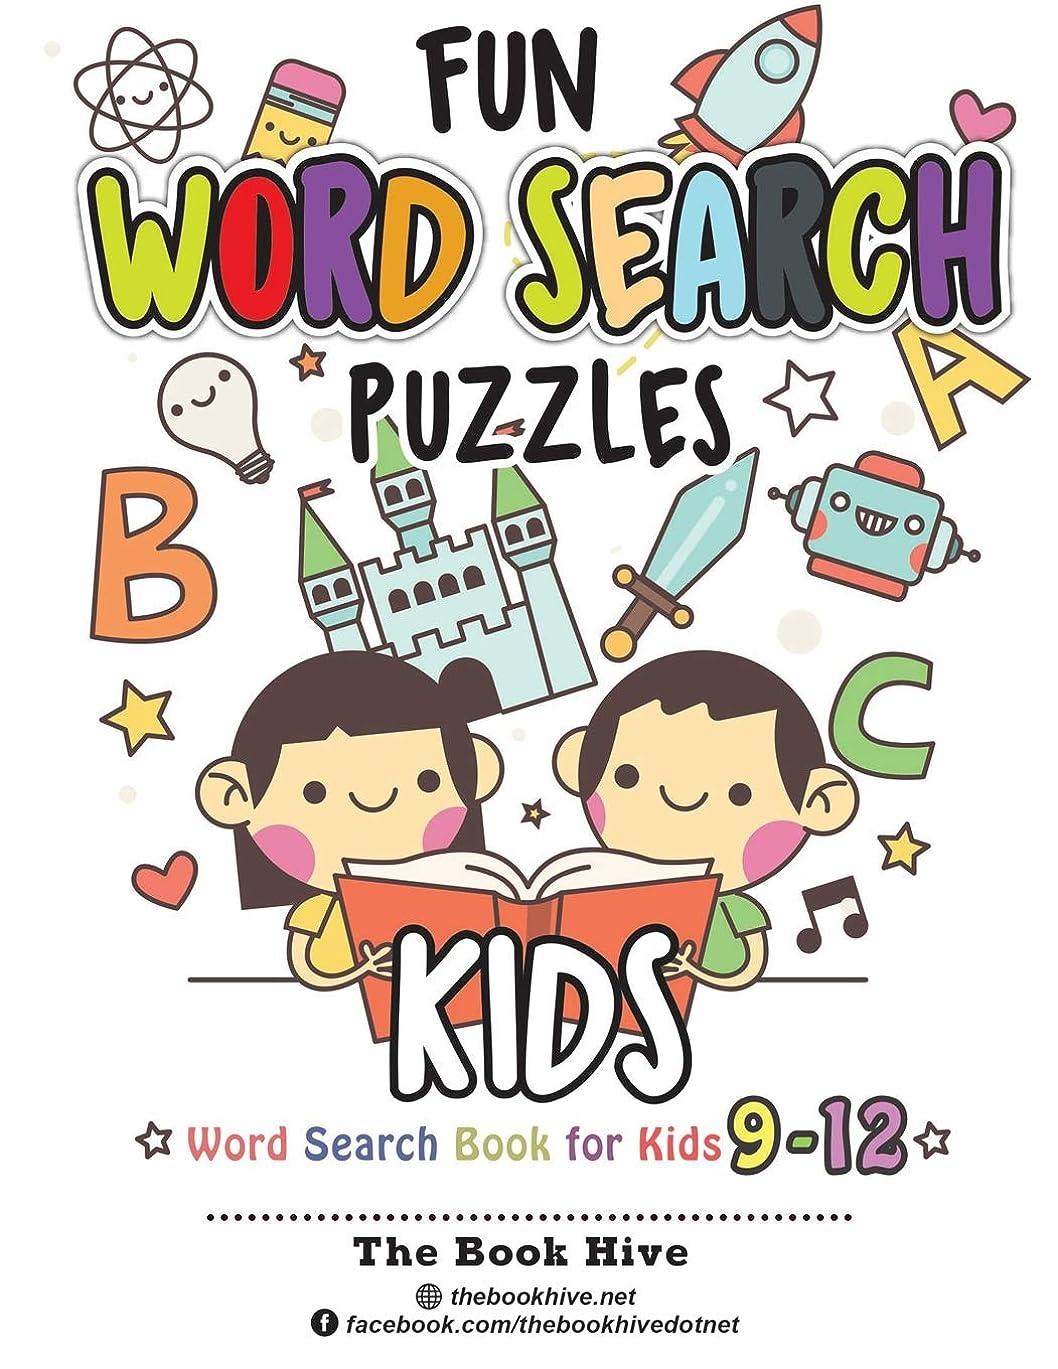 絶対の愛情深い愛情深いFun Word Search Puzzles Kids: Word Search Books for Kids 9-12 (Everything kids logic puzzles word search, Brain games for clever kids puzzles to exercise your mind)